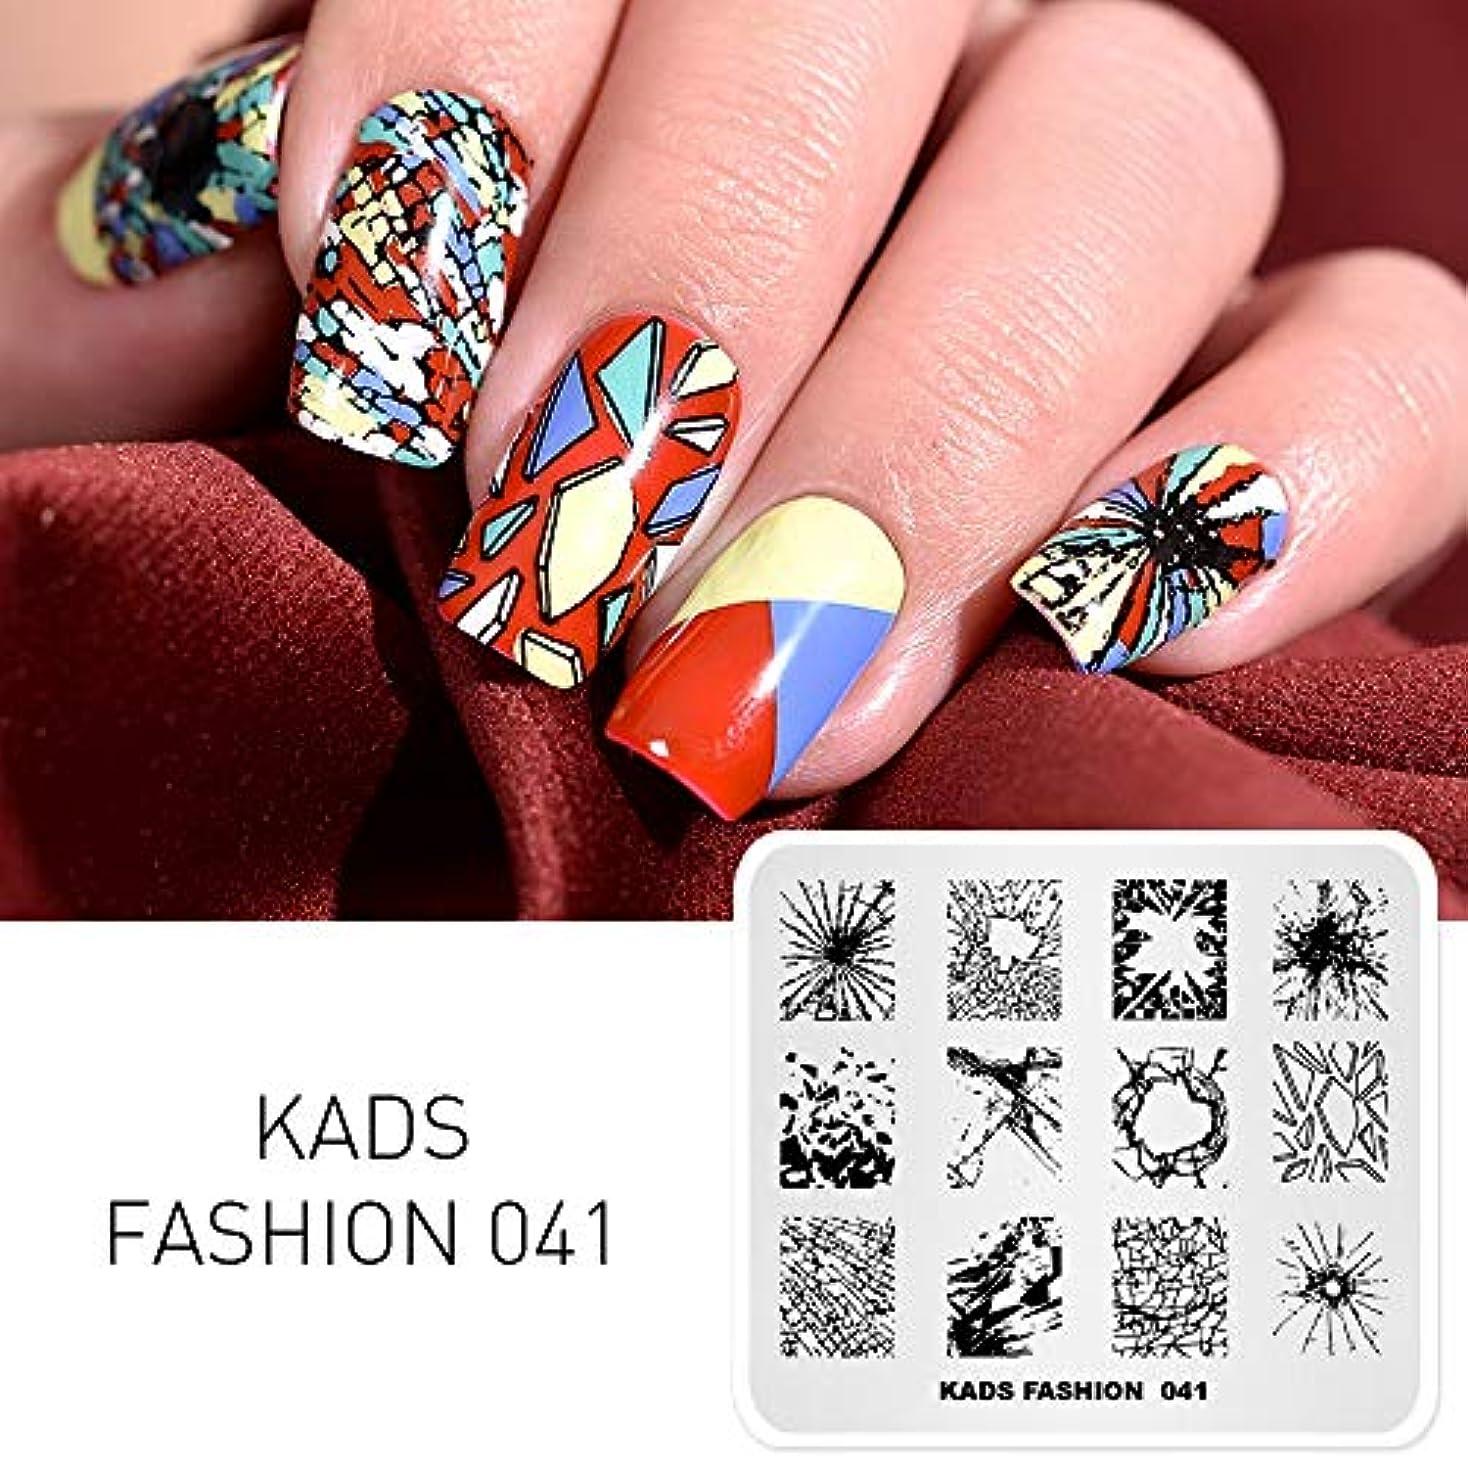 識別アナリスト用語集KADS スタンピングプレート ファッションスタイル ネイルプレート ネイルイメージプレート ファッションスタイル (FA041)